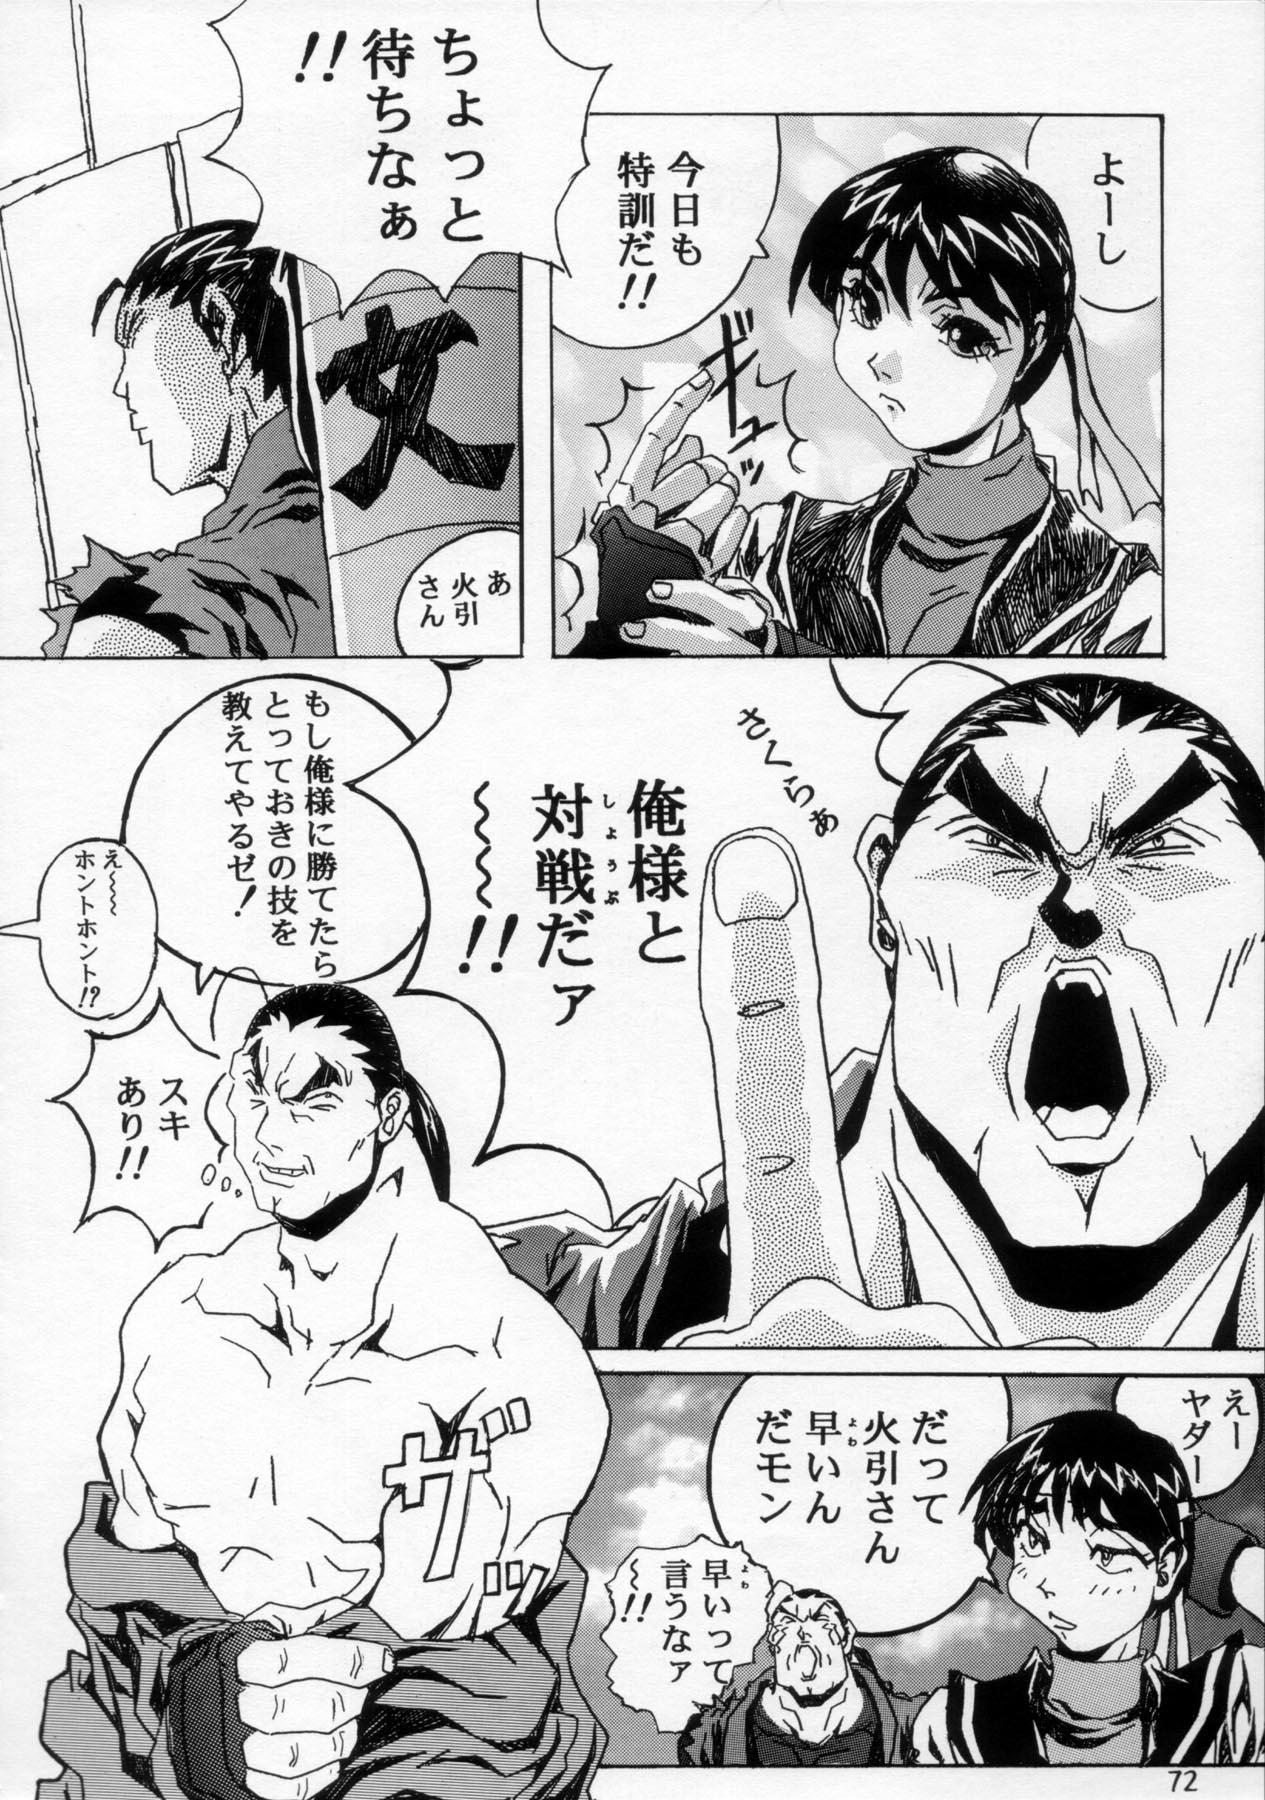 Henreikai '98 Natsu SPECIAL 72